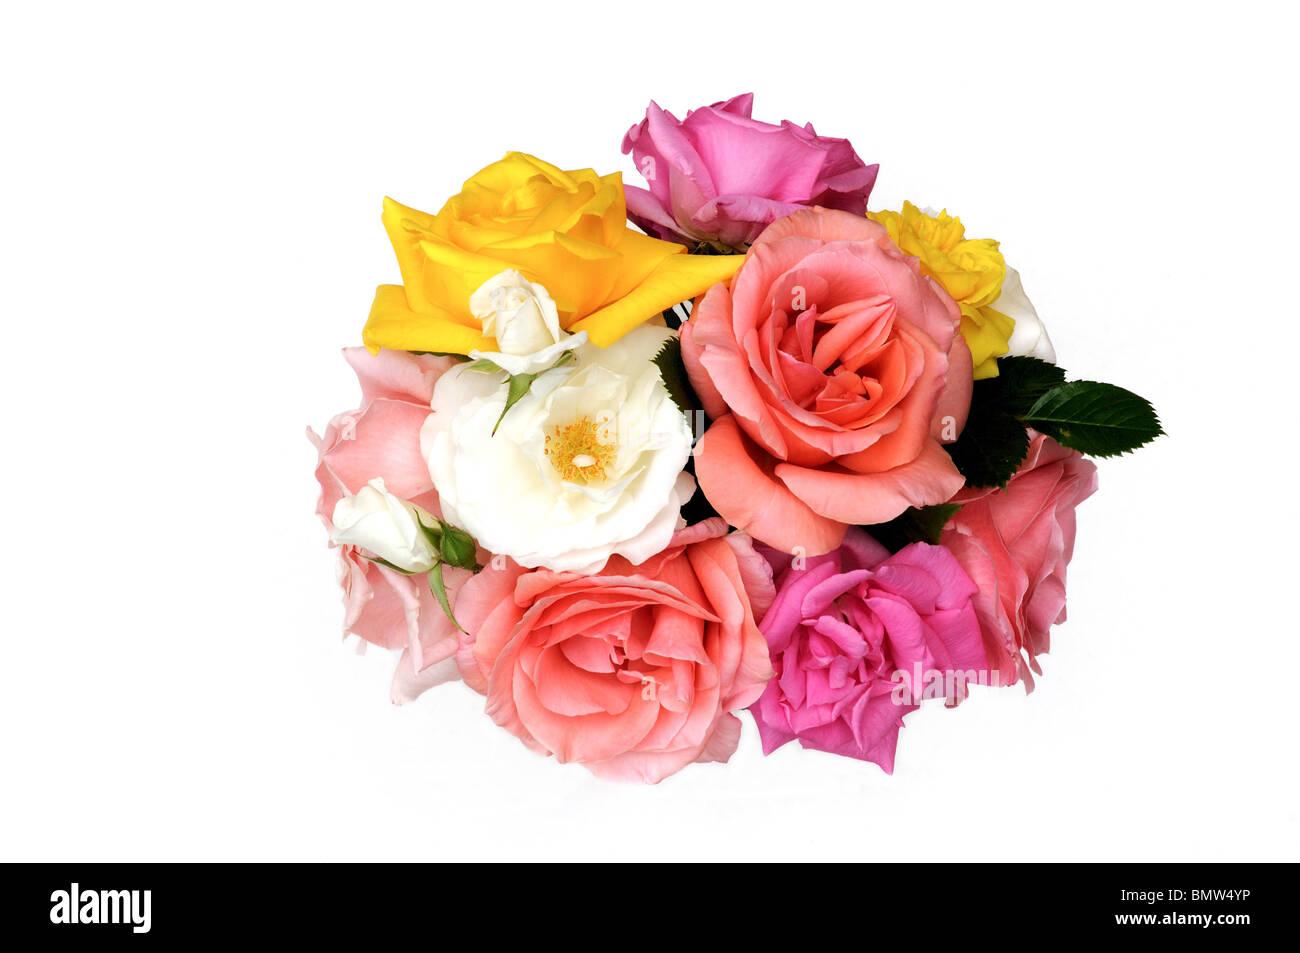 Mazzo di rose su sfondo bianco Immagini Stock